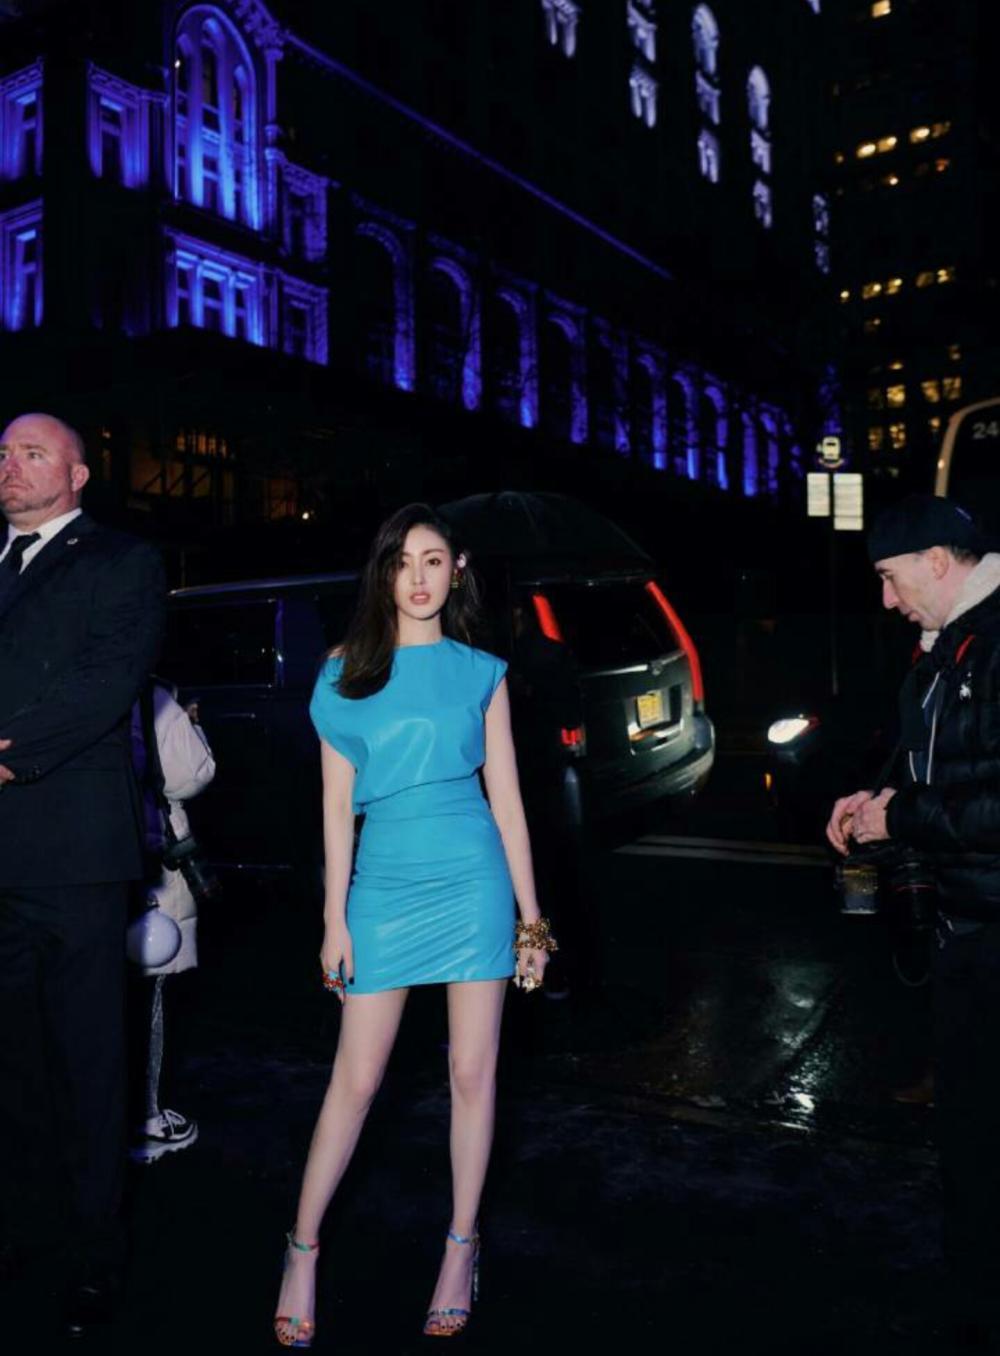 张天爱蓝裙长腿美到极致, 却在台下拍照